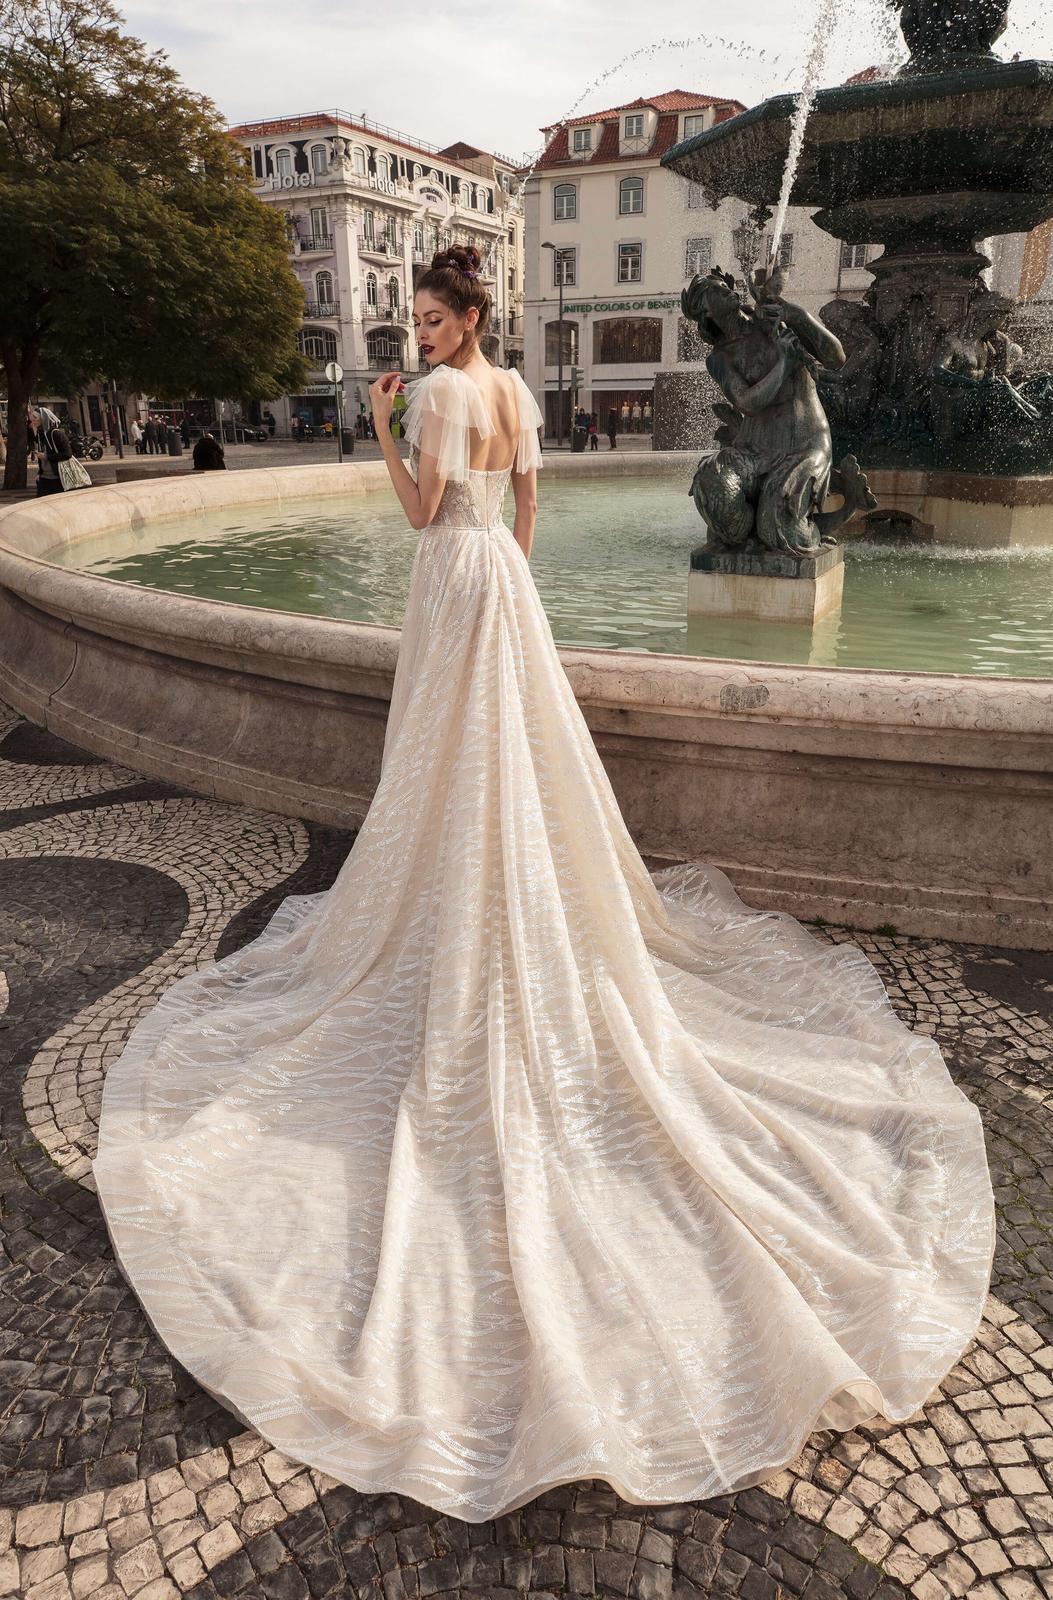 Innocentia Divina 2019 * Svadobné šaty z kolekcií na rok 2019 - Obrázok č. 19